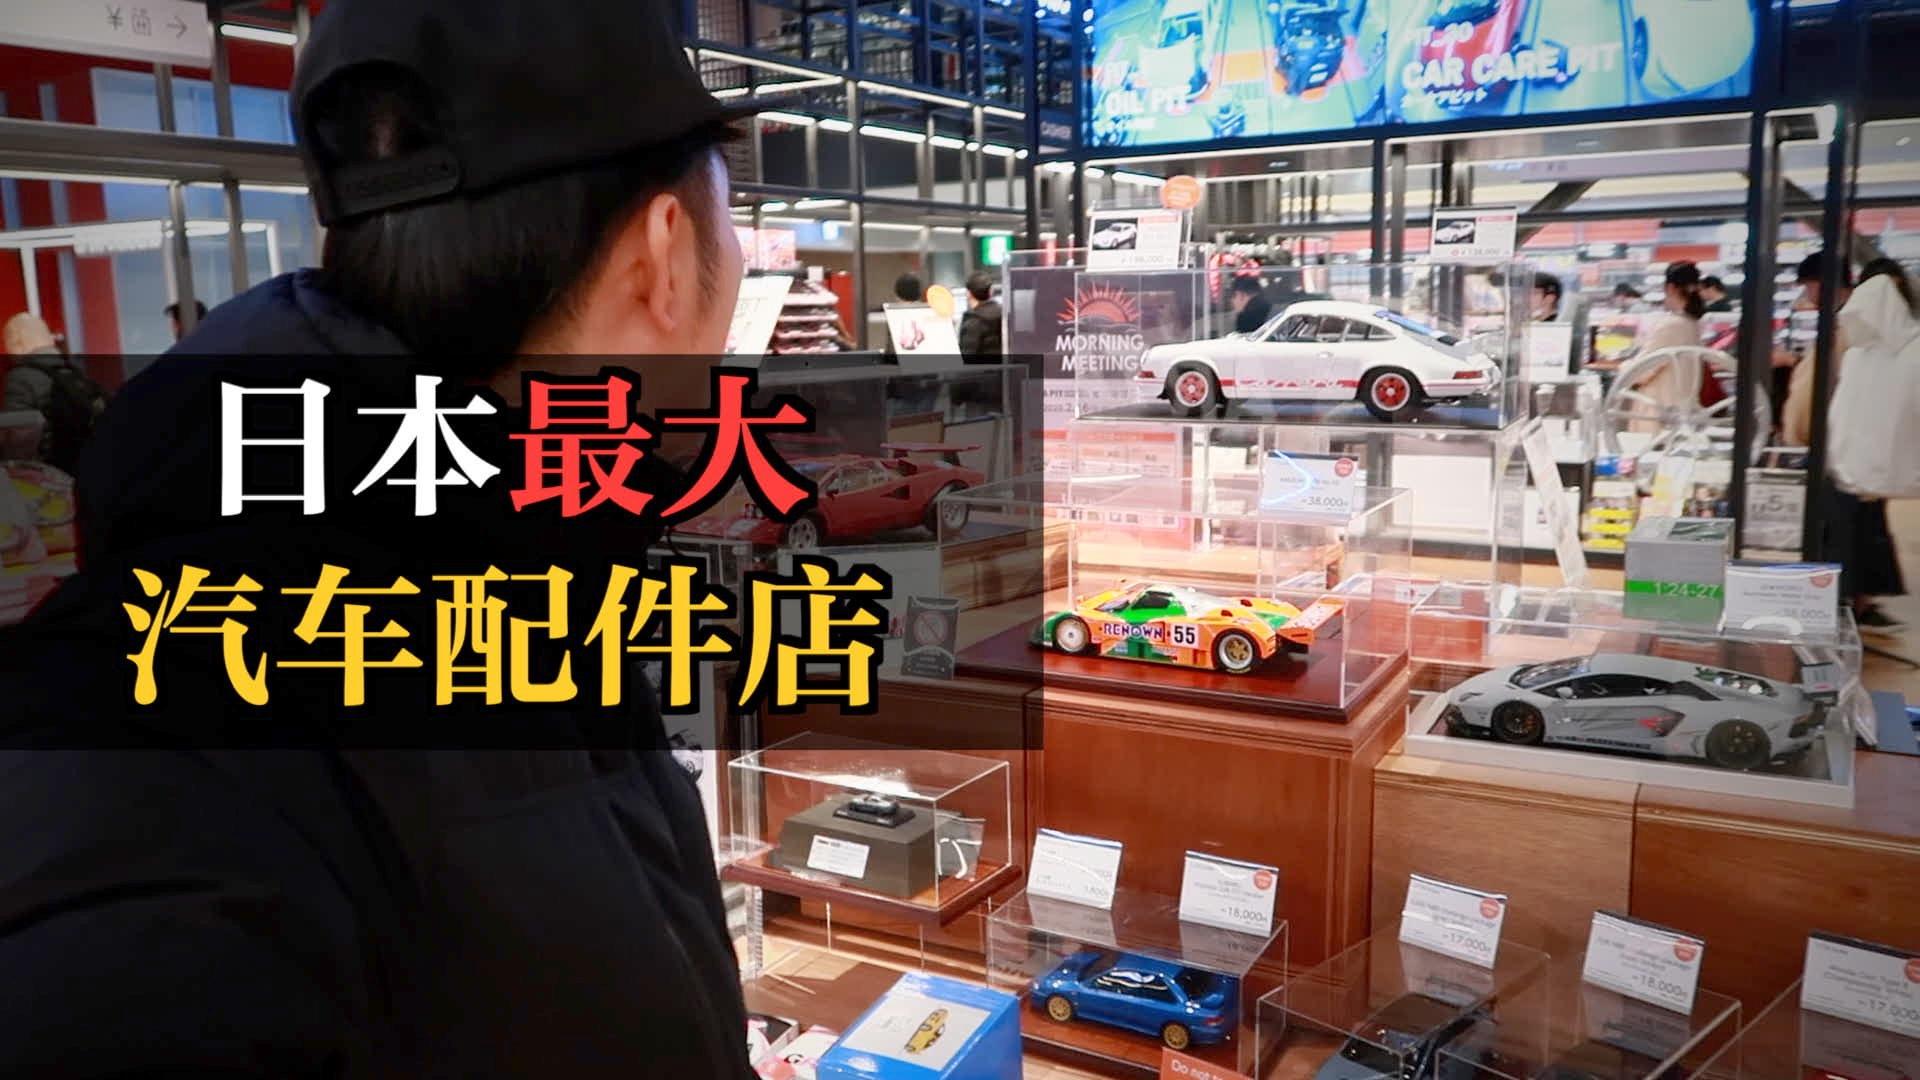 日本台场最大的汽车配件店,你能想到的都有